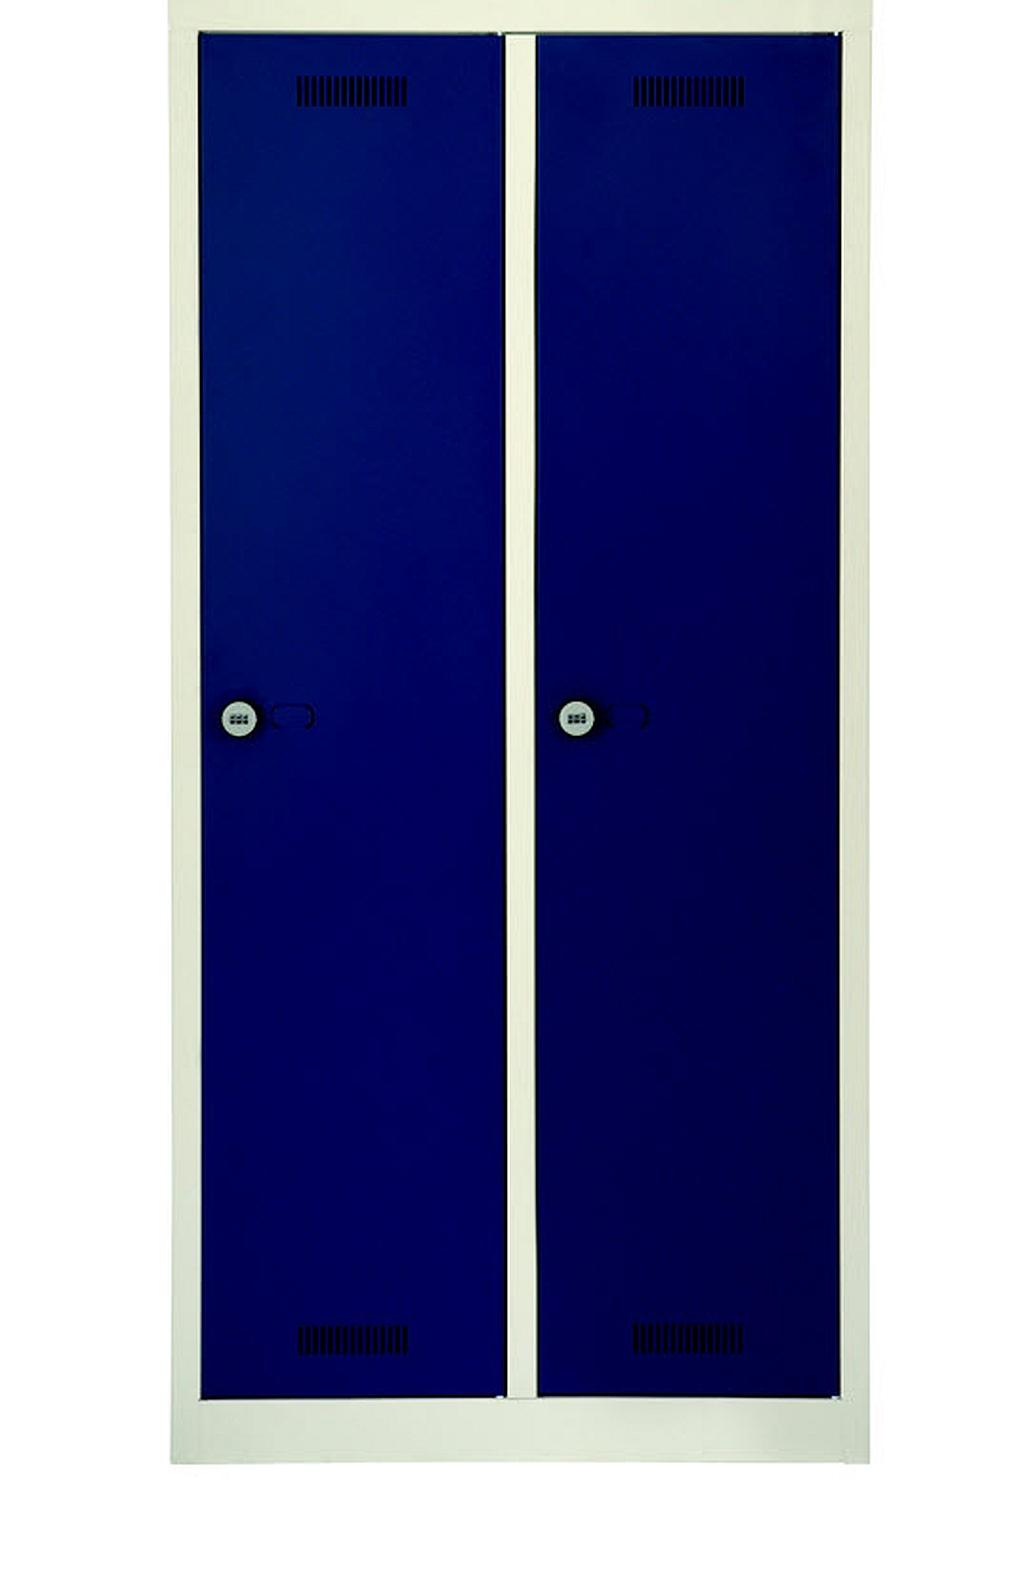 Bisley-Online - ML08D1, MonoBloc, 2 Abteile, Garderobenschrank ...